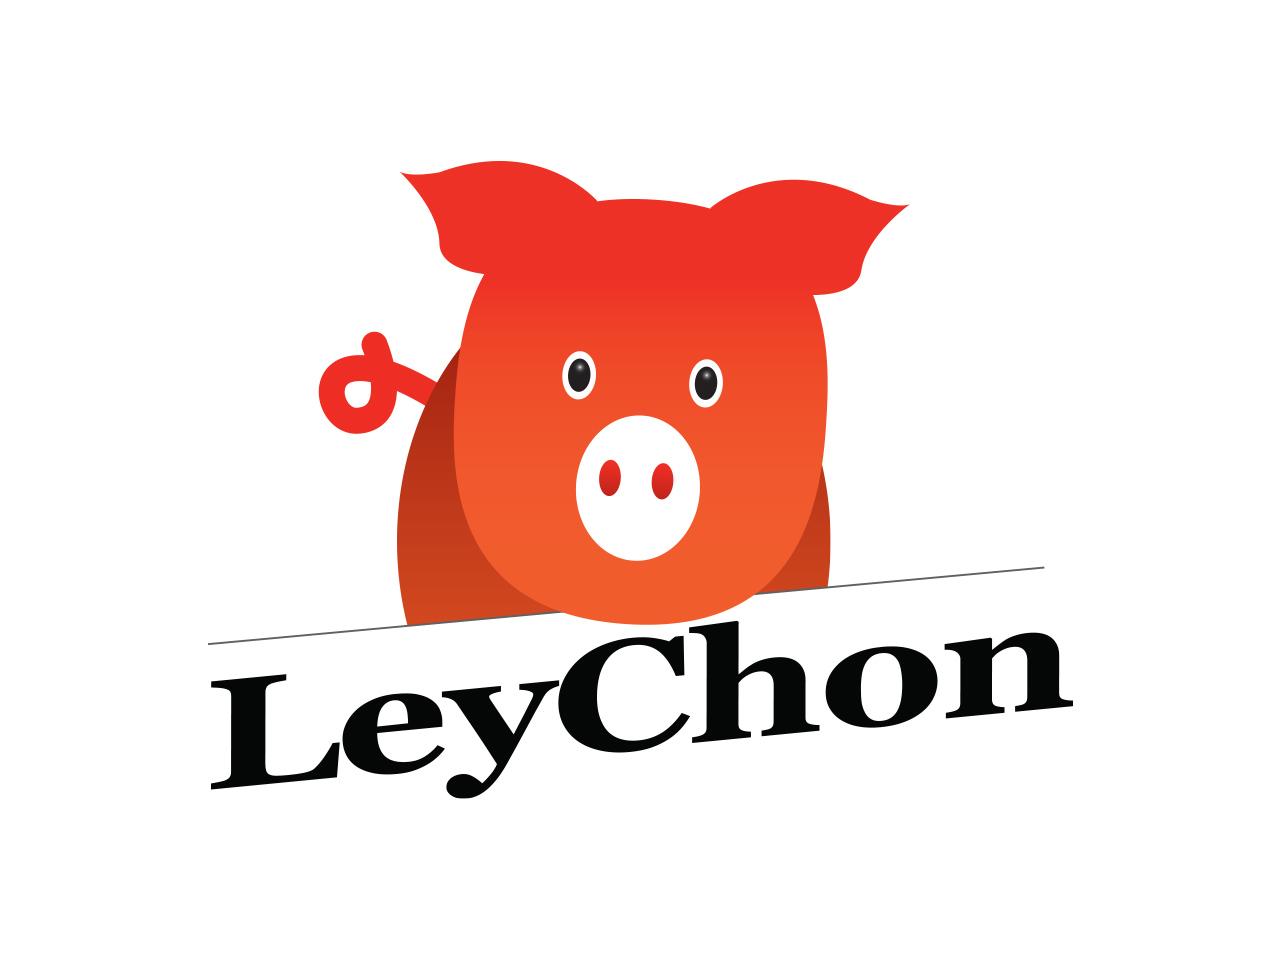 LeyChon